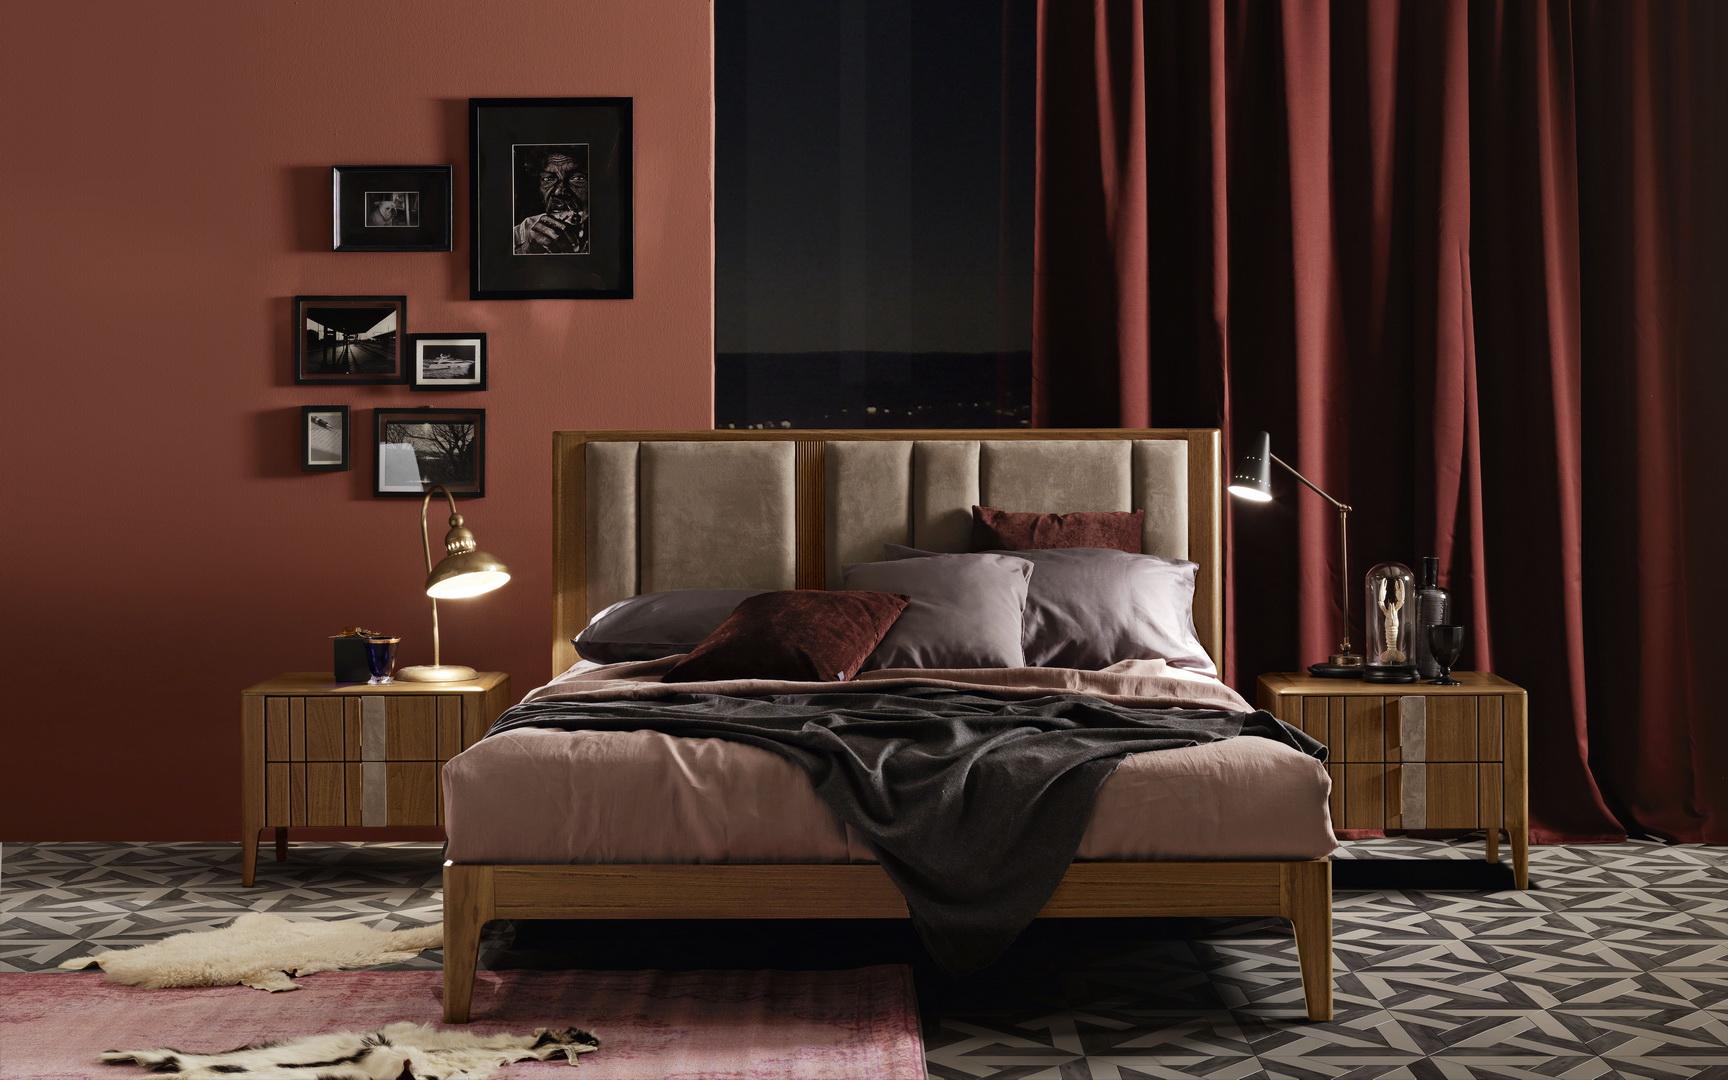 Camera da letto md10006 c4 home arredamenti cosenza for C4 arredamenti